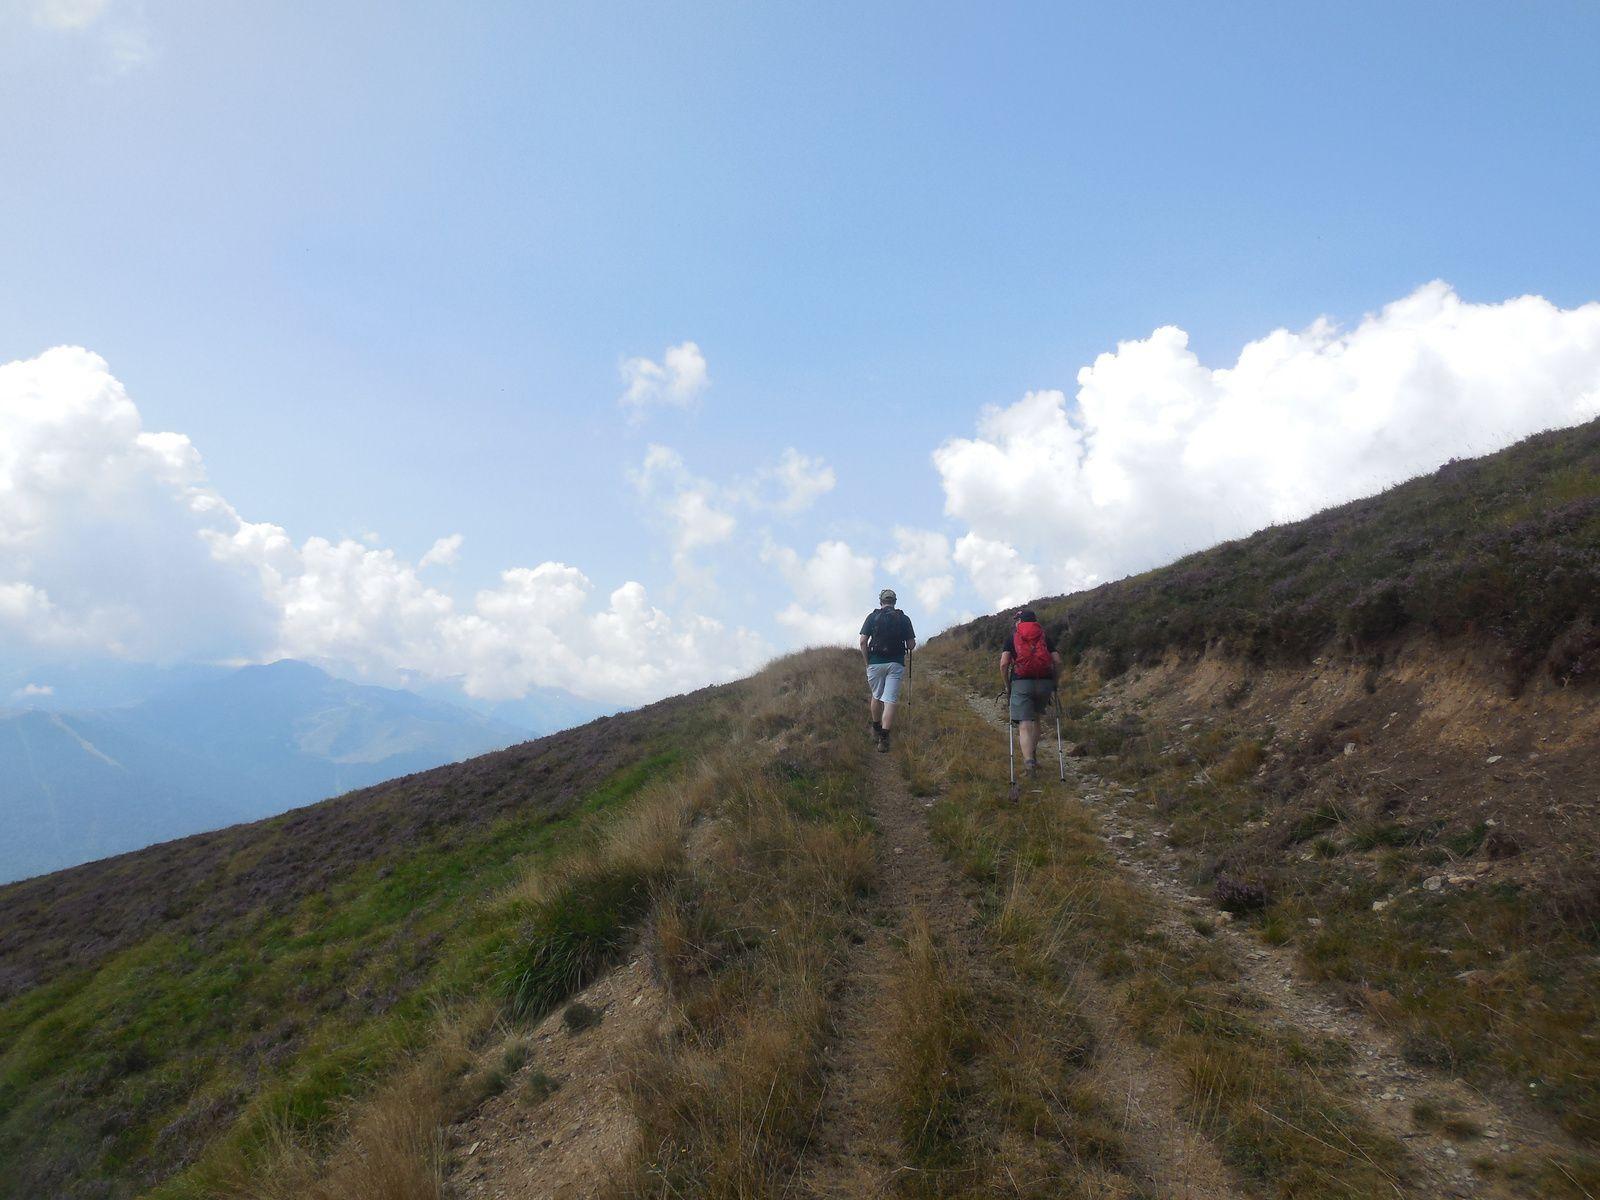 Il ne nous reste plus qu'à rejoindre la cabane de Saunères avant d'entamer la descente pour terminer notre boucle...